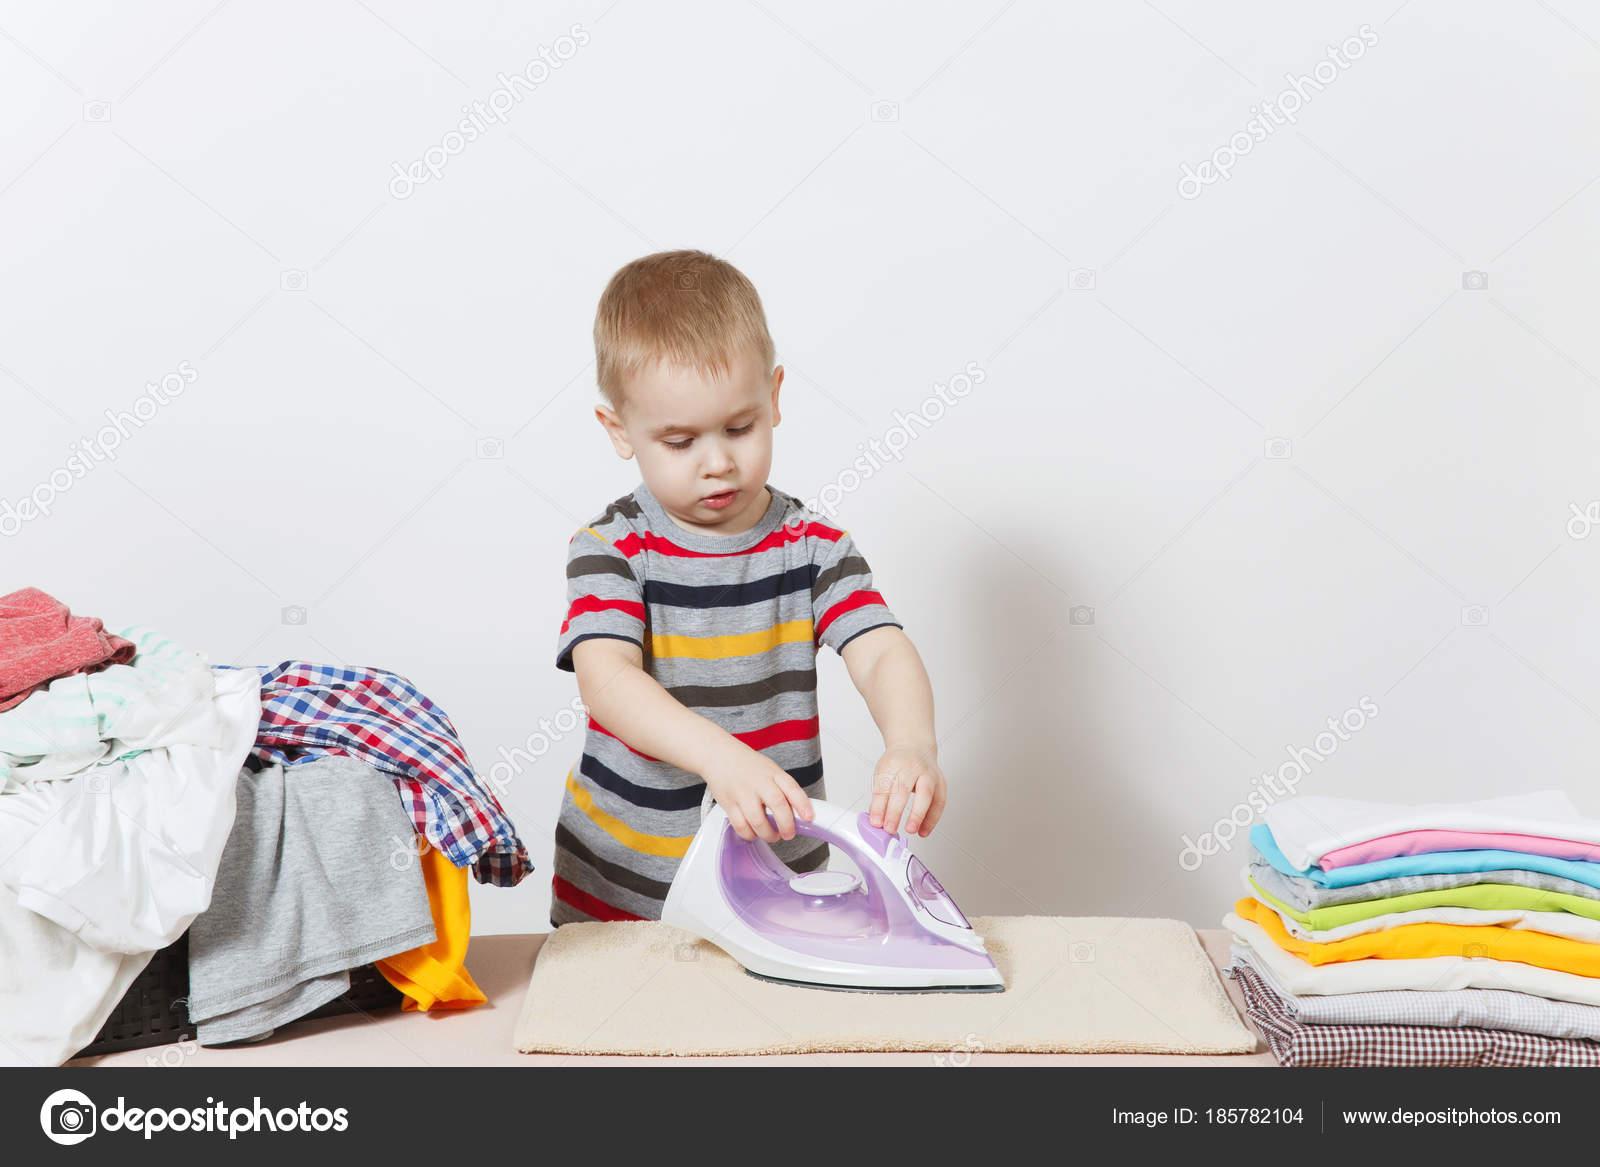 Happy little boy ironing family clothing on ironing board